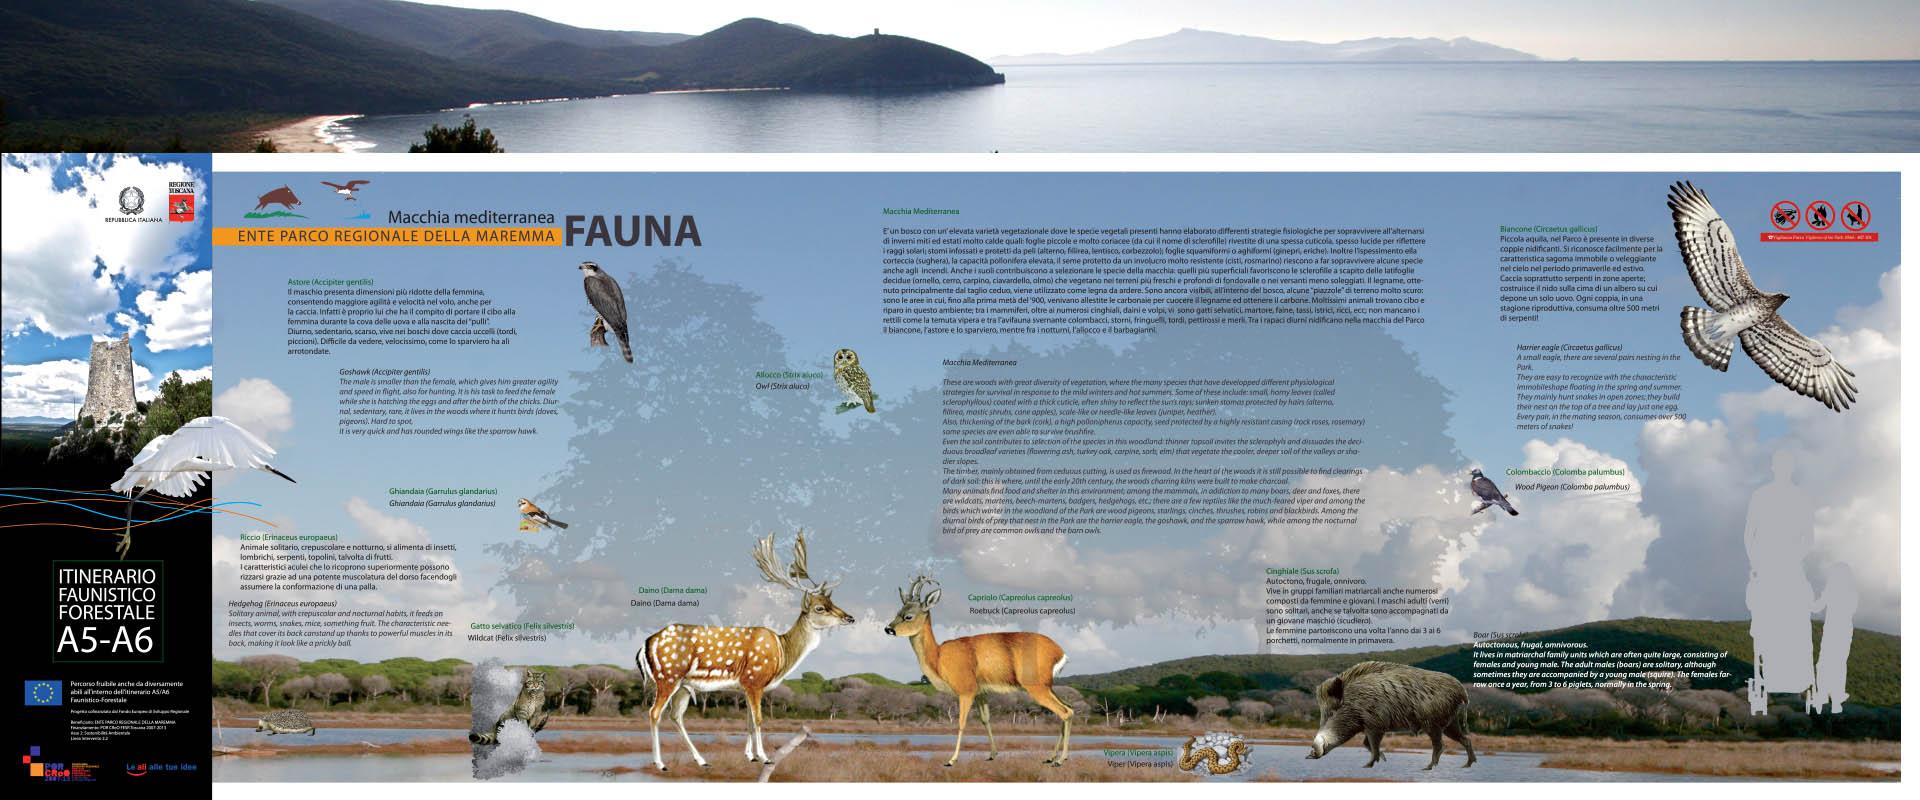 Obliqui_A5-A6_macchia mediterranea_fauna.indd